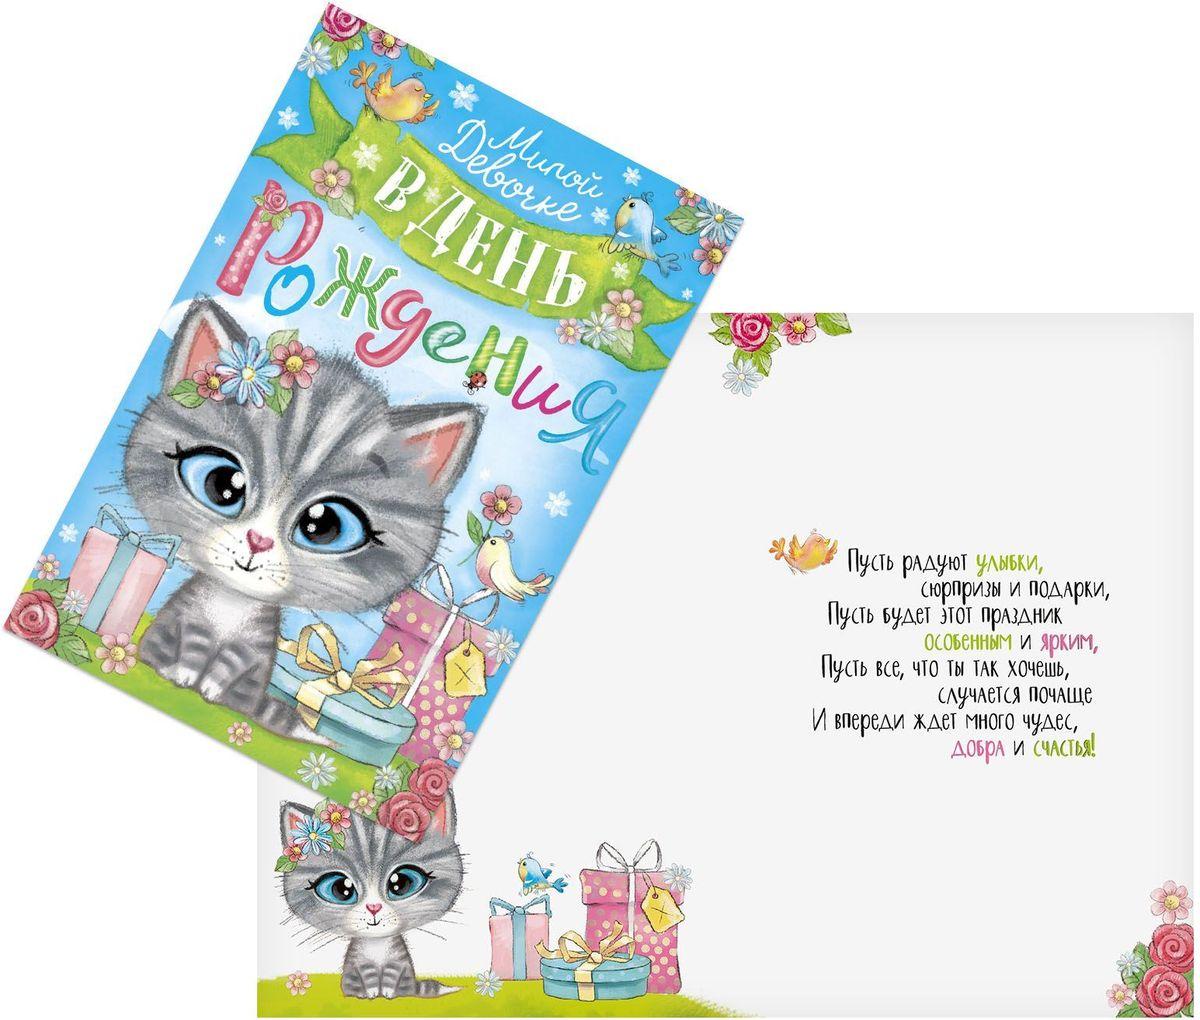 Открытка Дарите cчастье Милой девочке, 12 х 18 смES-412Атмосферу праздника создают детали: свечи, цветы, бокалы, воздушные шары и поздравительные открытки — яркие и весёлые, романтичные и нежные, милые и трогательные. Расскажите о своих чувствах дорогому для вас человеку, поделитесь радостью с близкими и друзьями. Открытка с креативным дизайном вам в этом поможет.